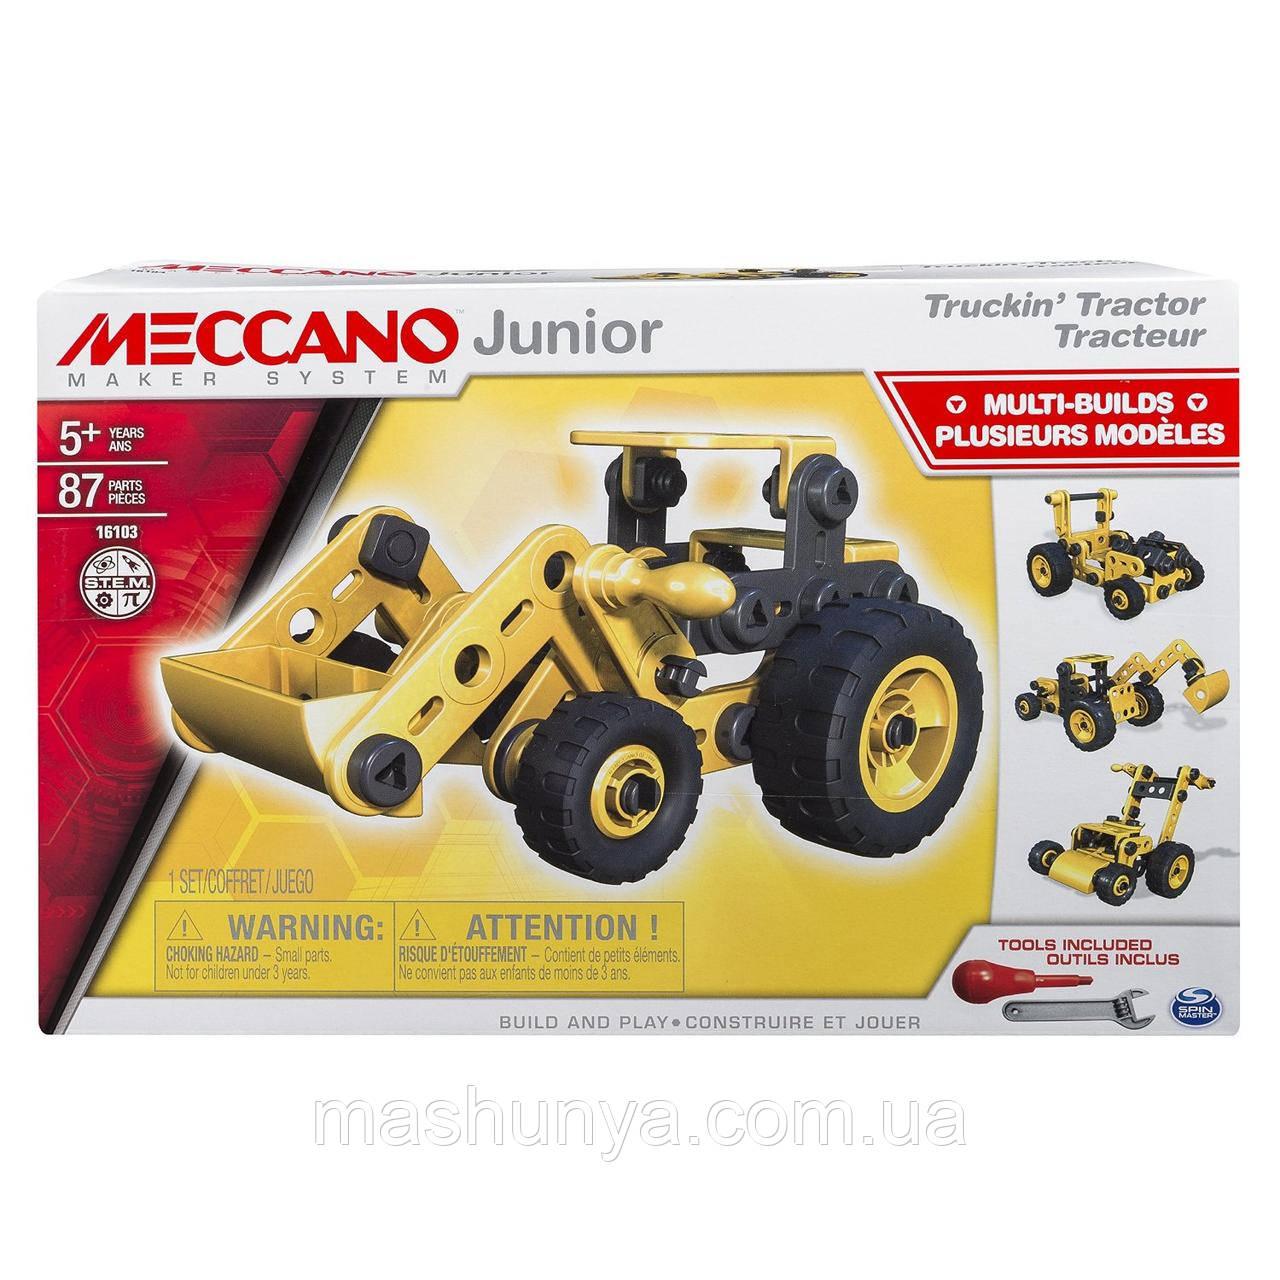 Конструктор Meccano Junior Трактор 87 деталей 6027019